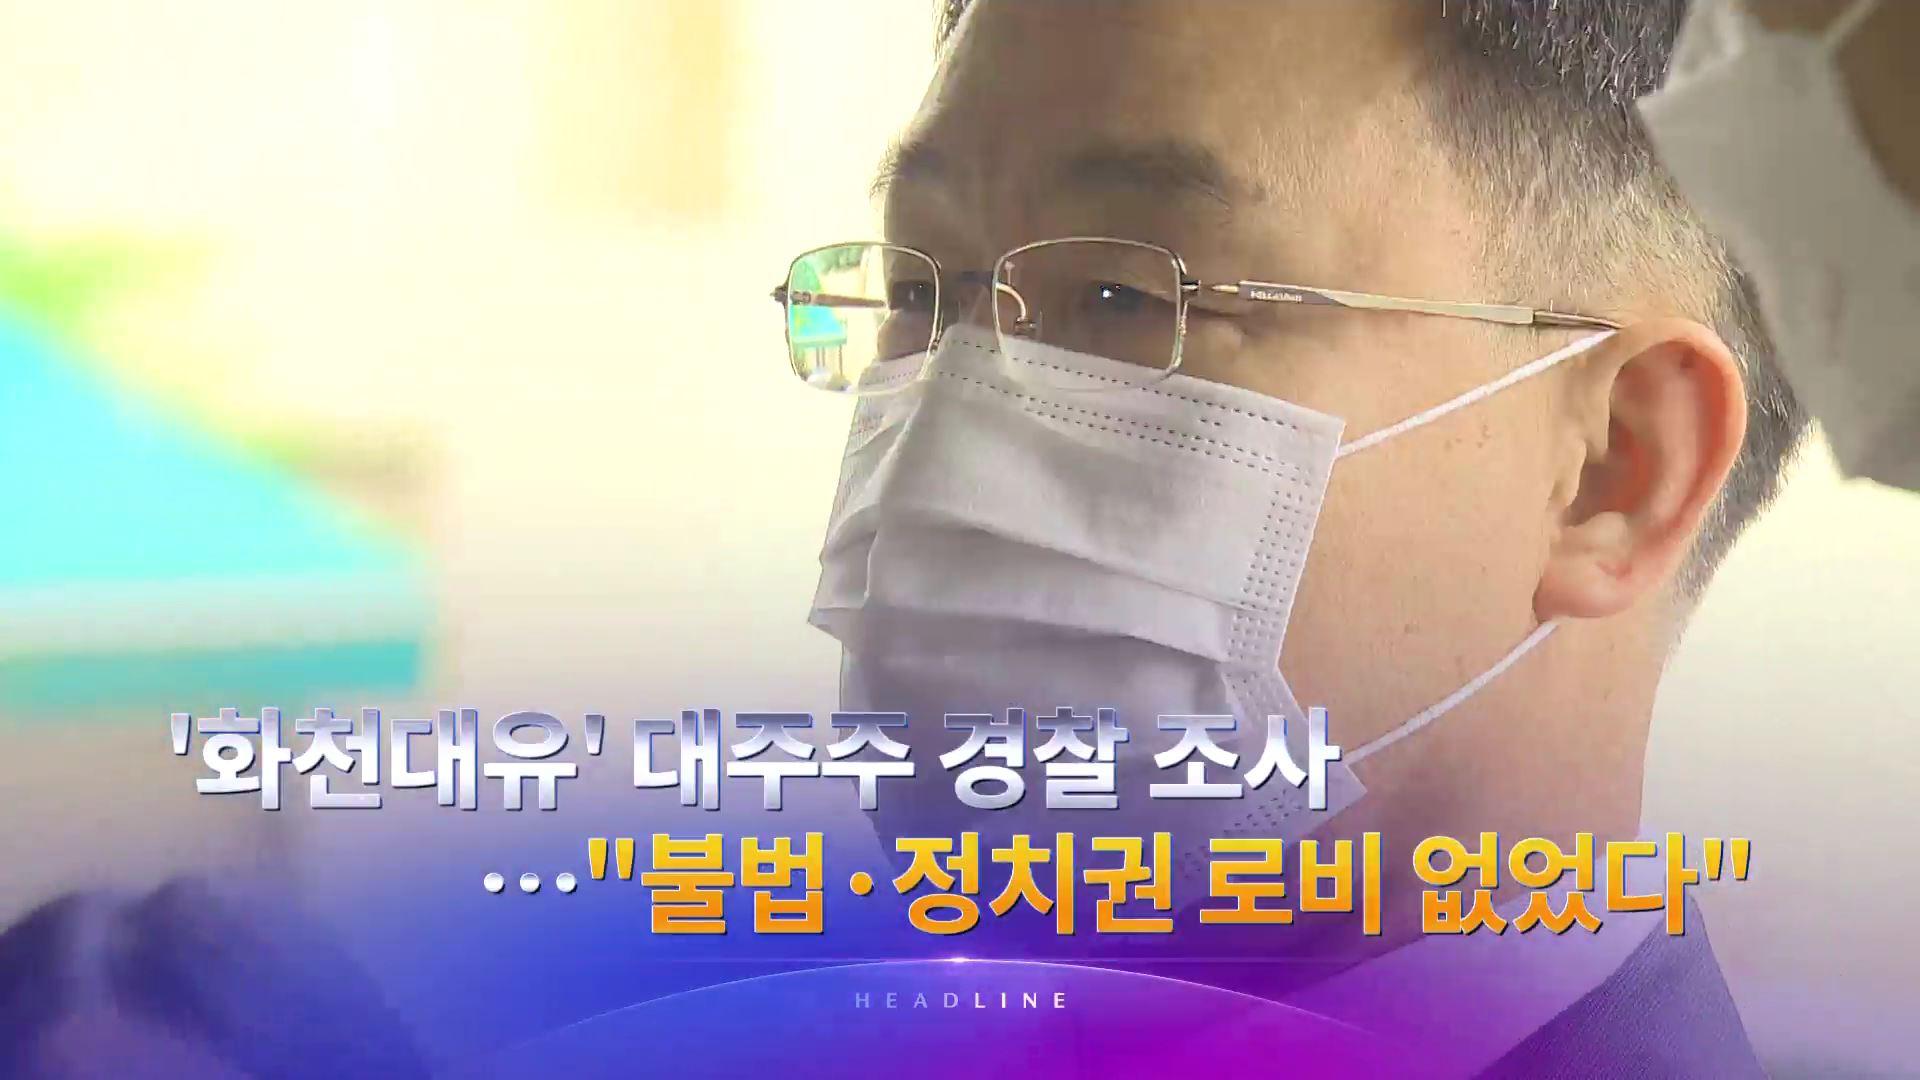 9월 27일 '뉴스 9' 예고